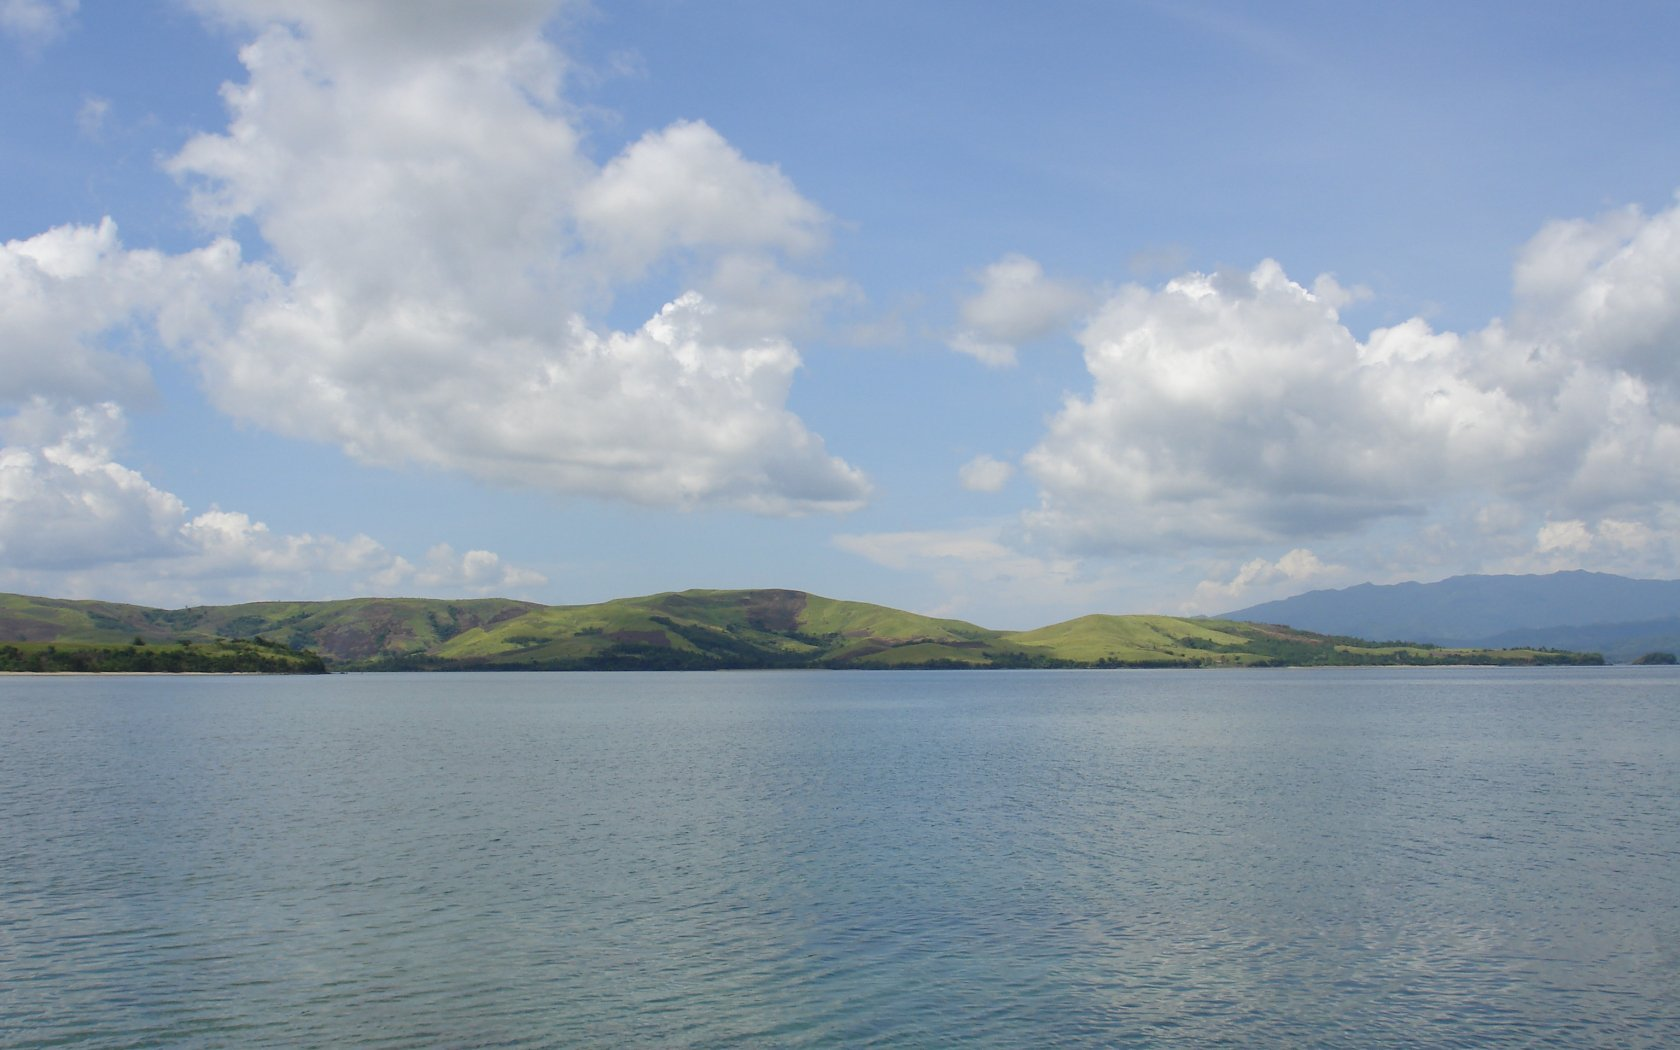 Ocean view island sceneries 1680x1050